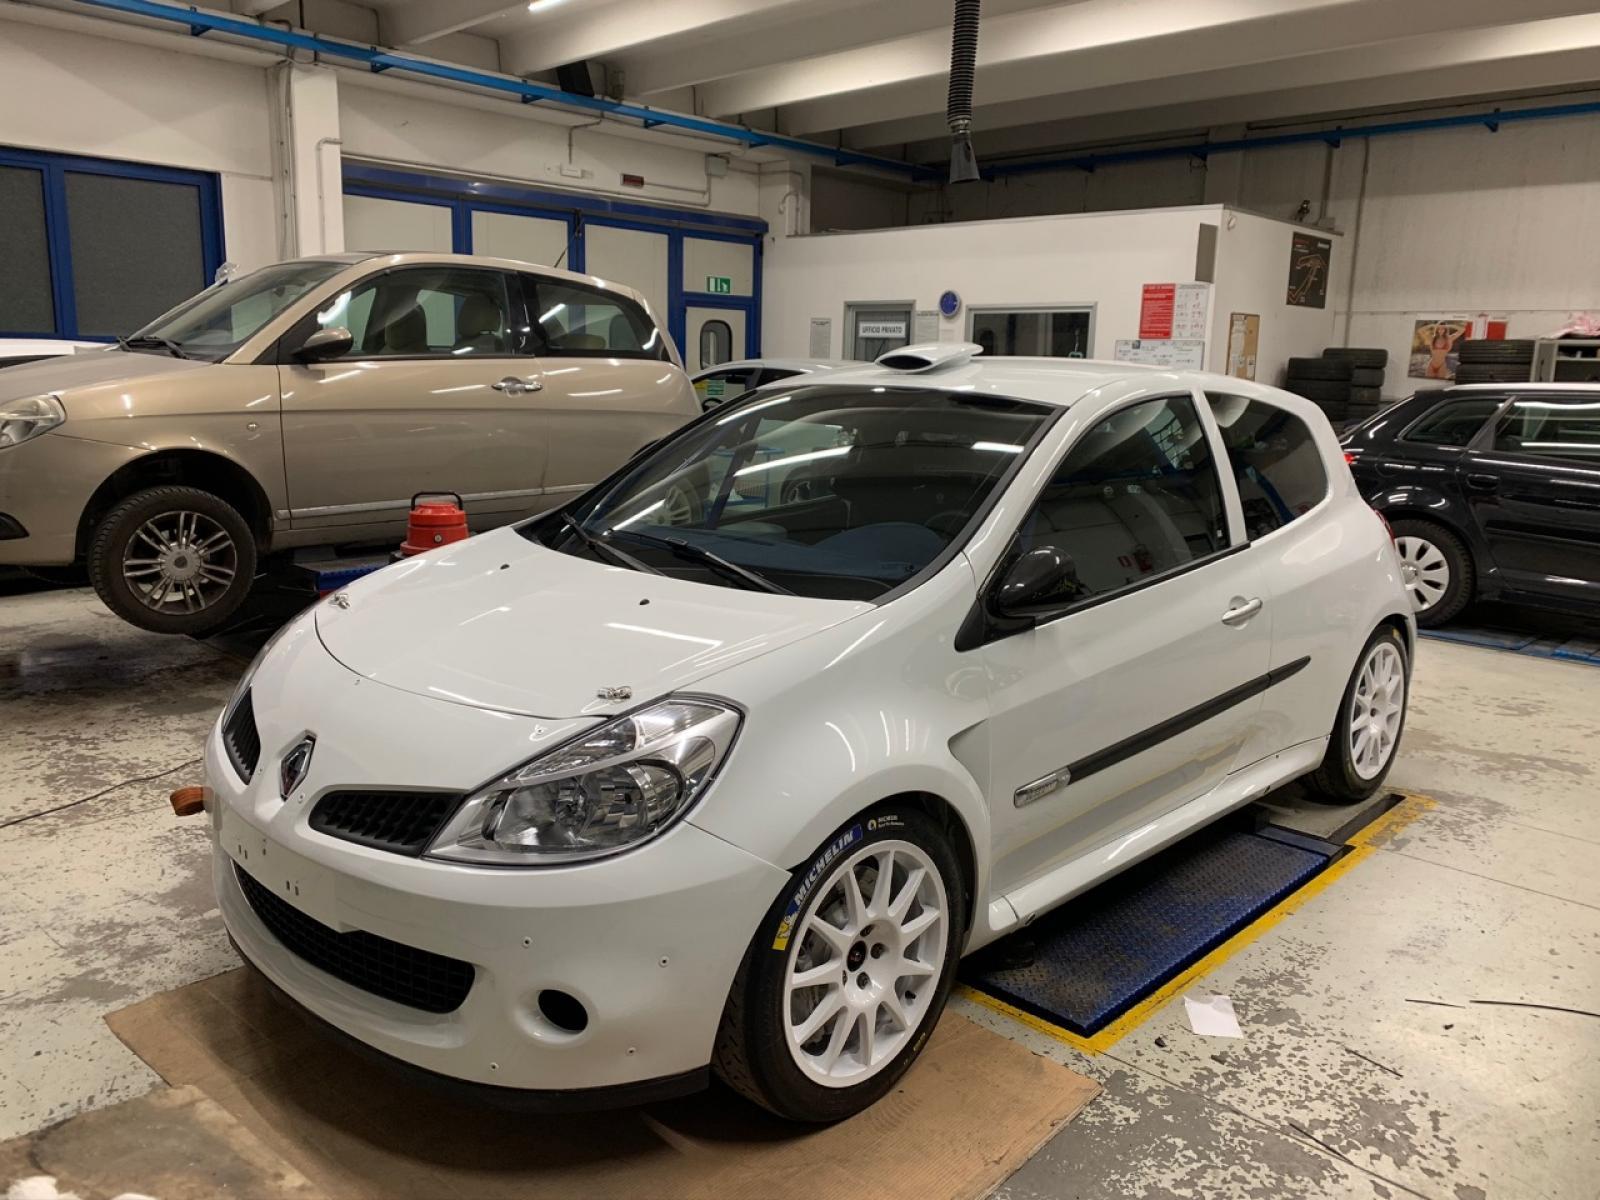 Renault Clio R3C Maxi - 4